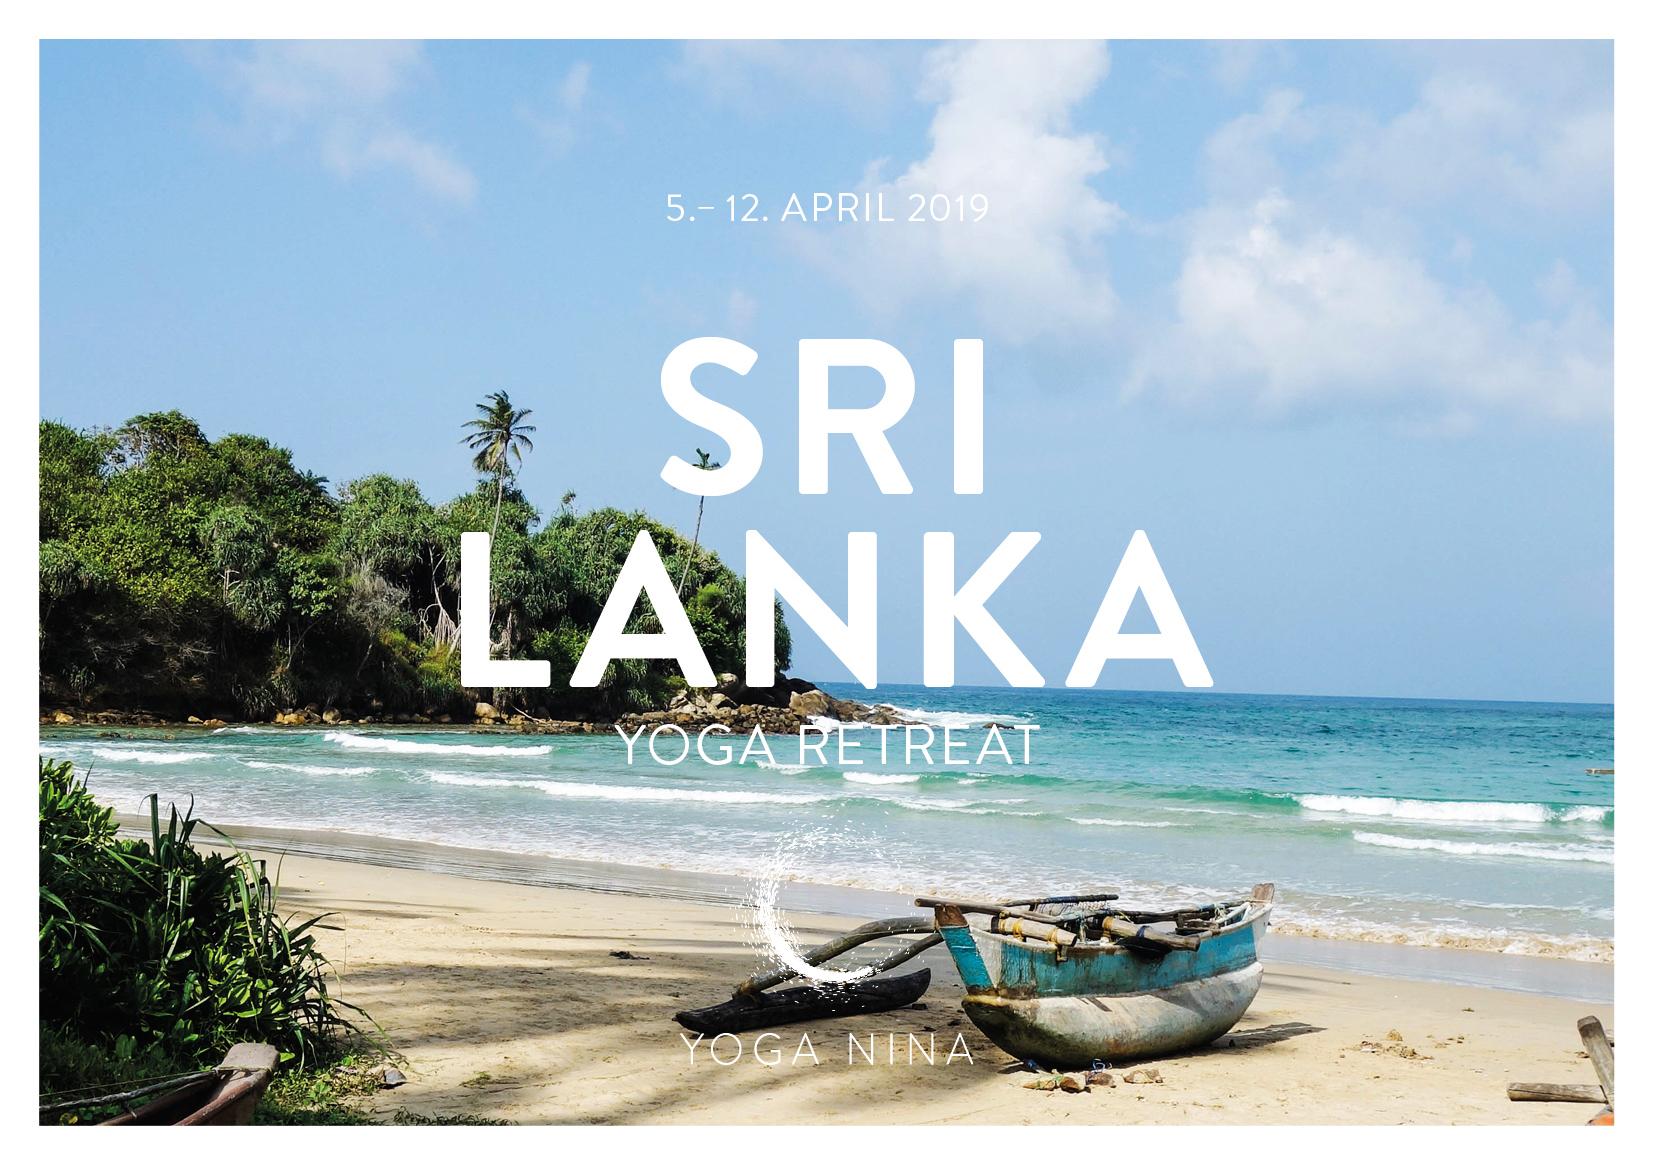 Yoga Retreat für Körper und Geist in Sri Lanka